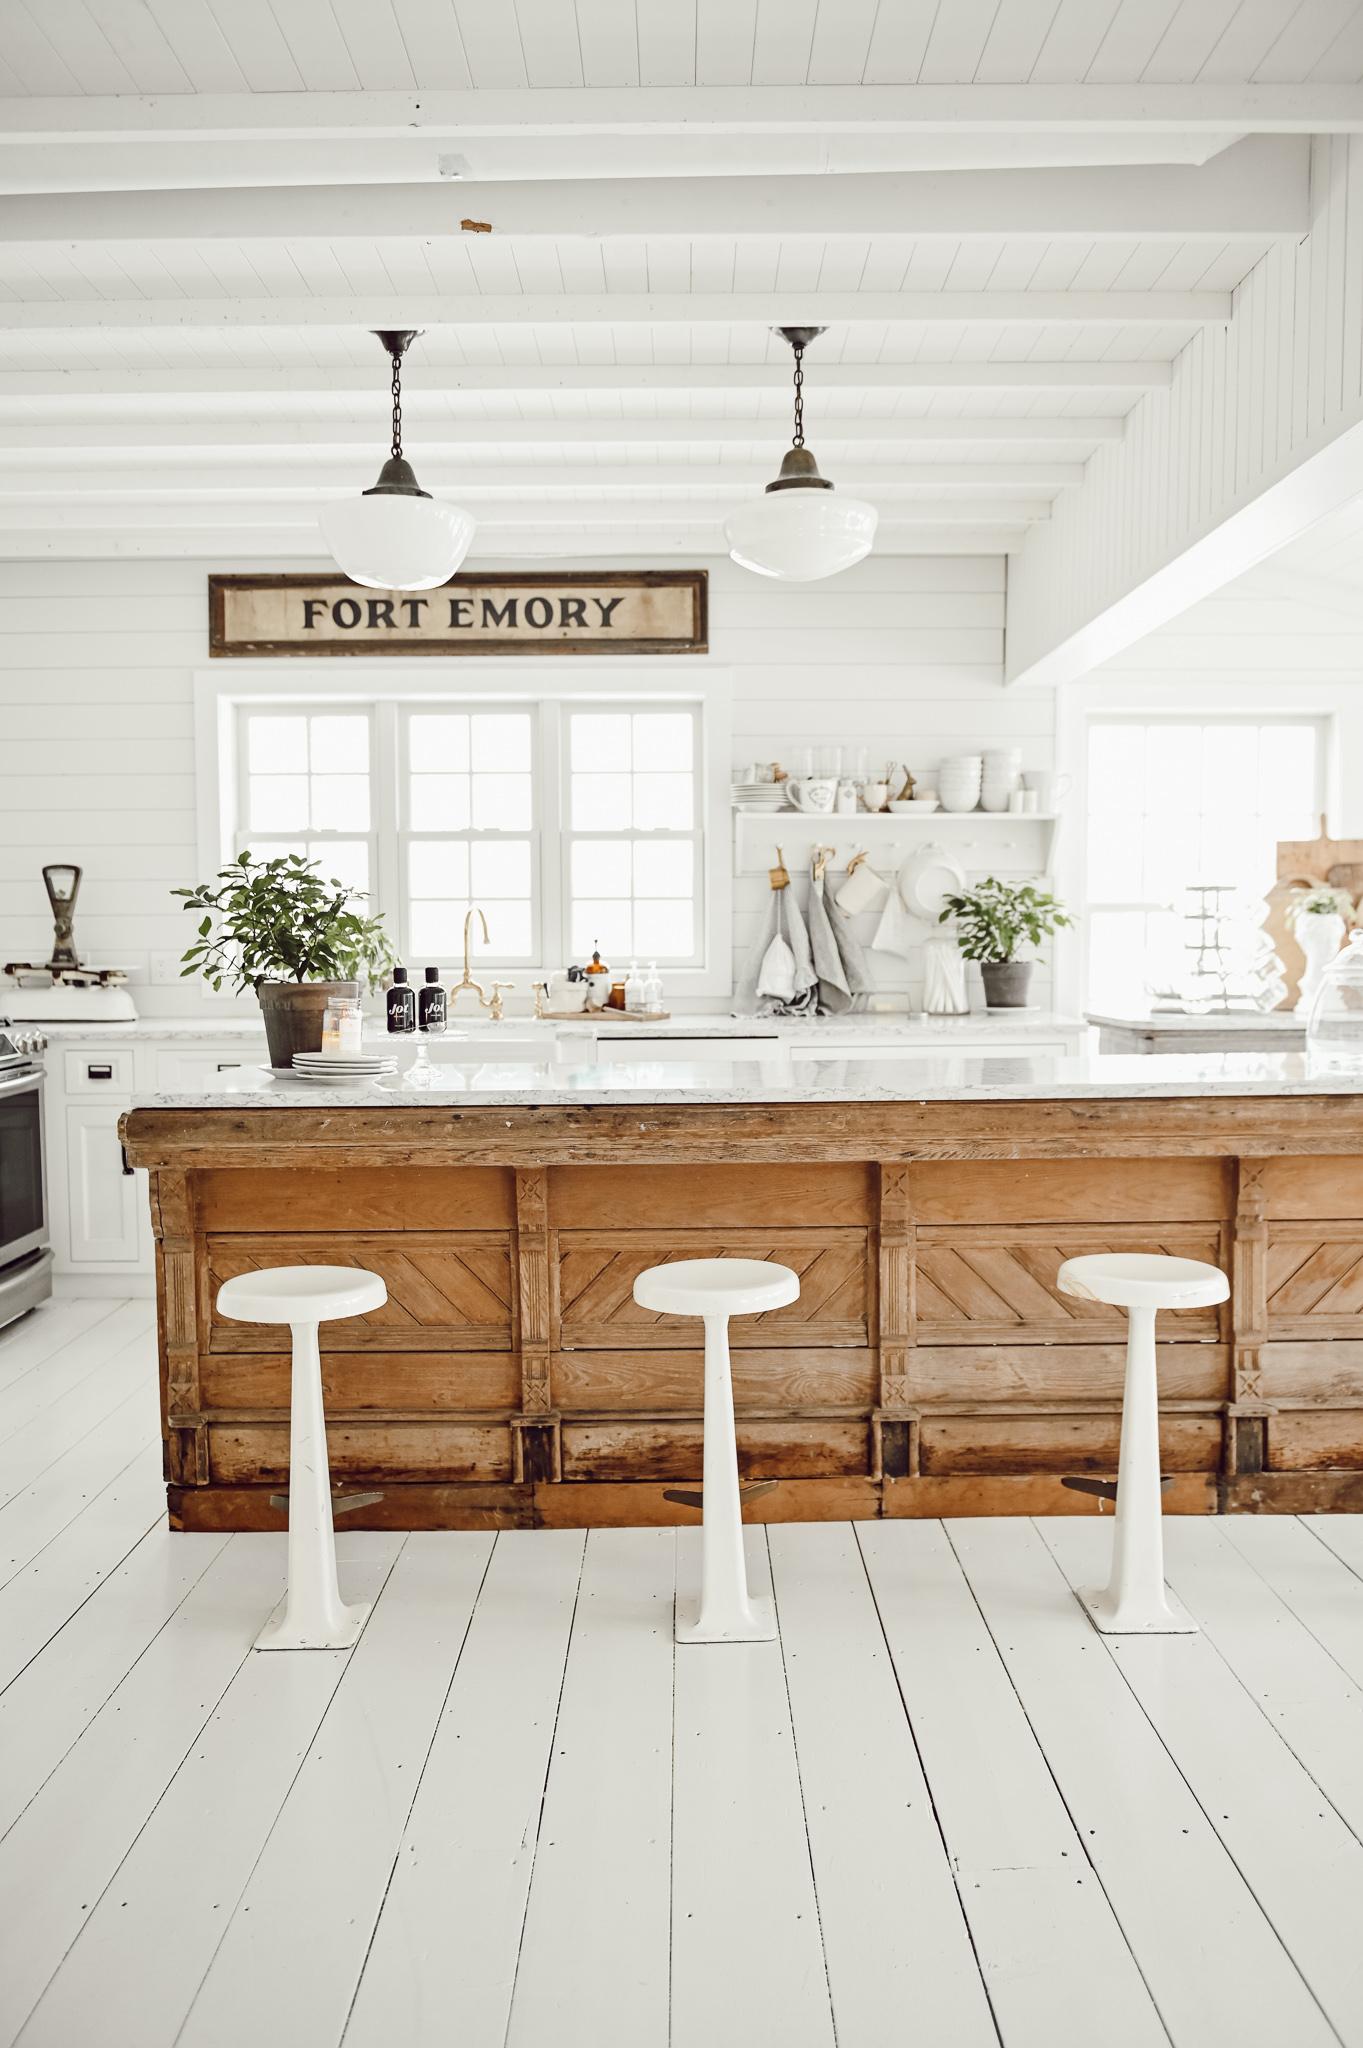 Антикварная кухонная стойка в фермерском доме